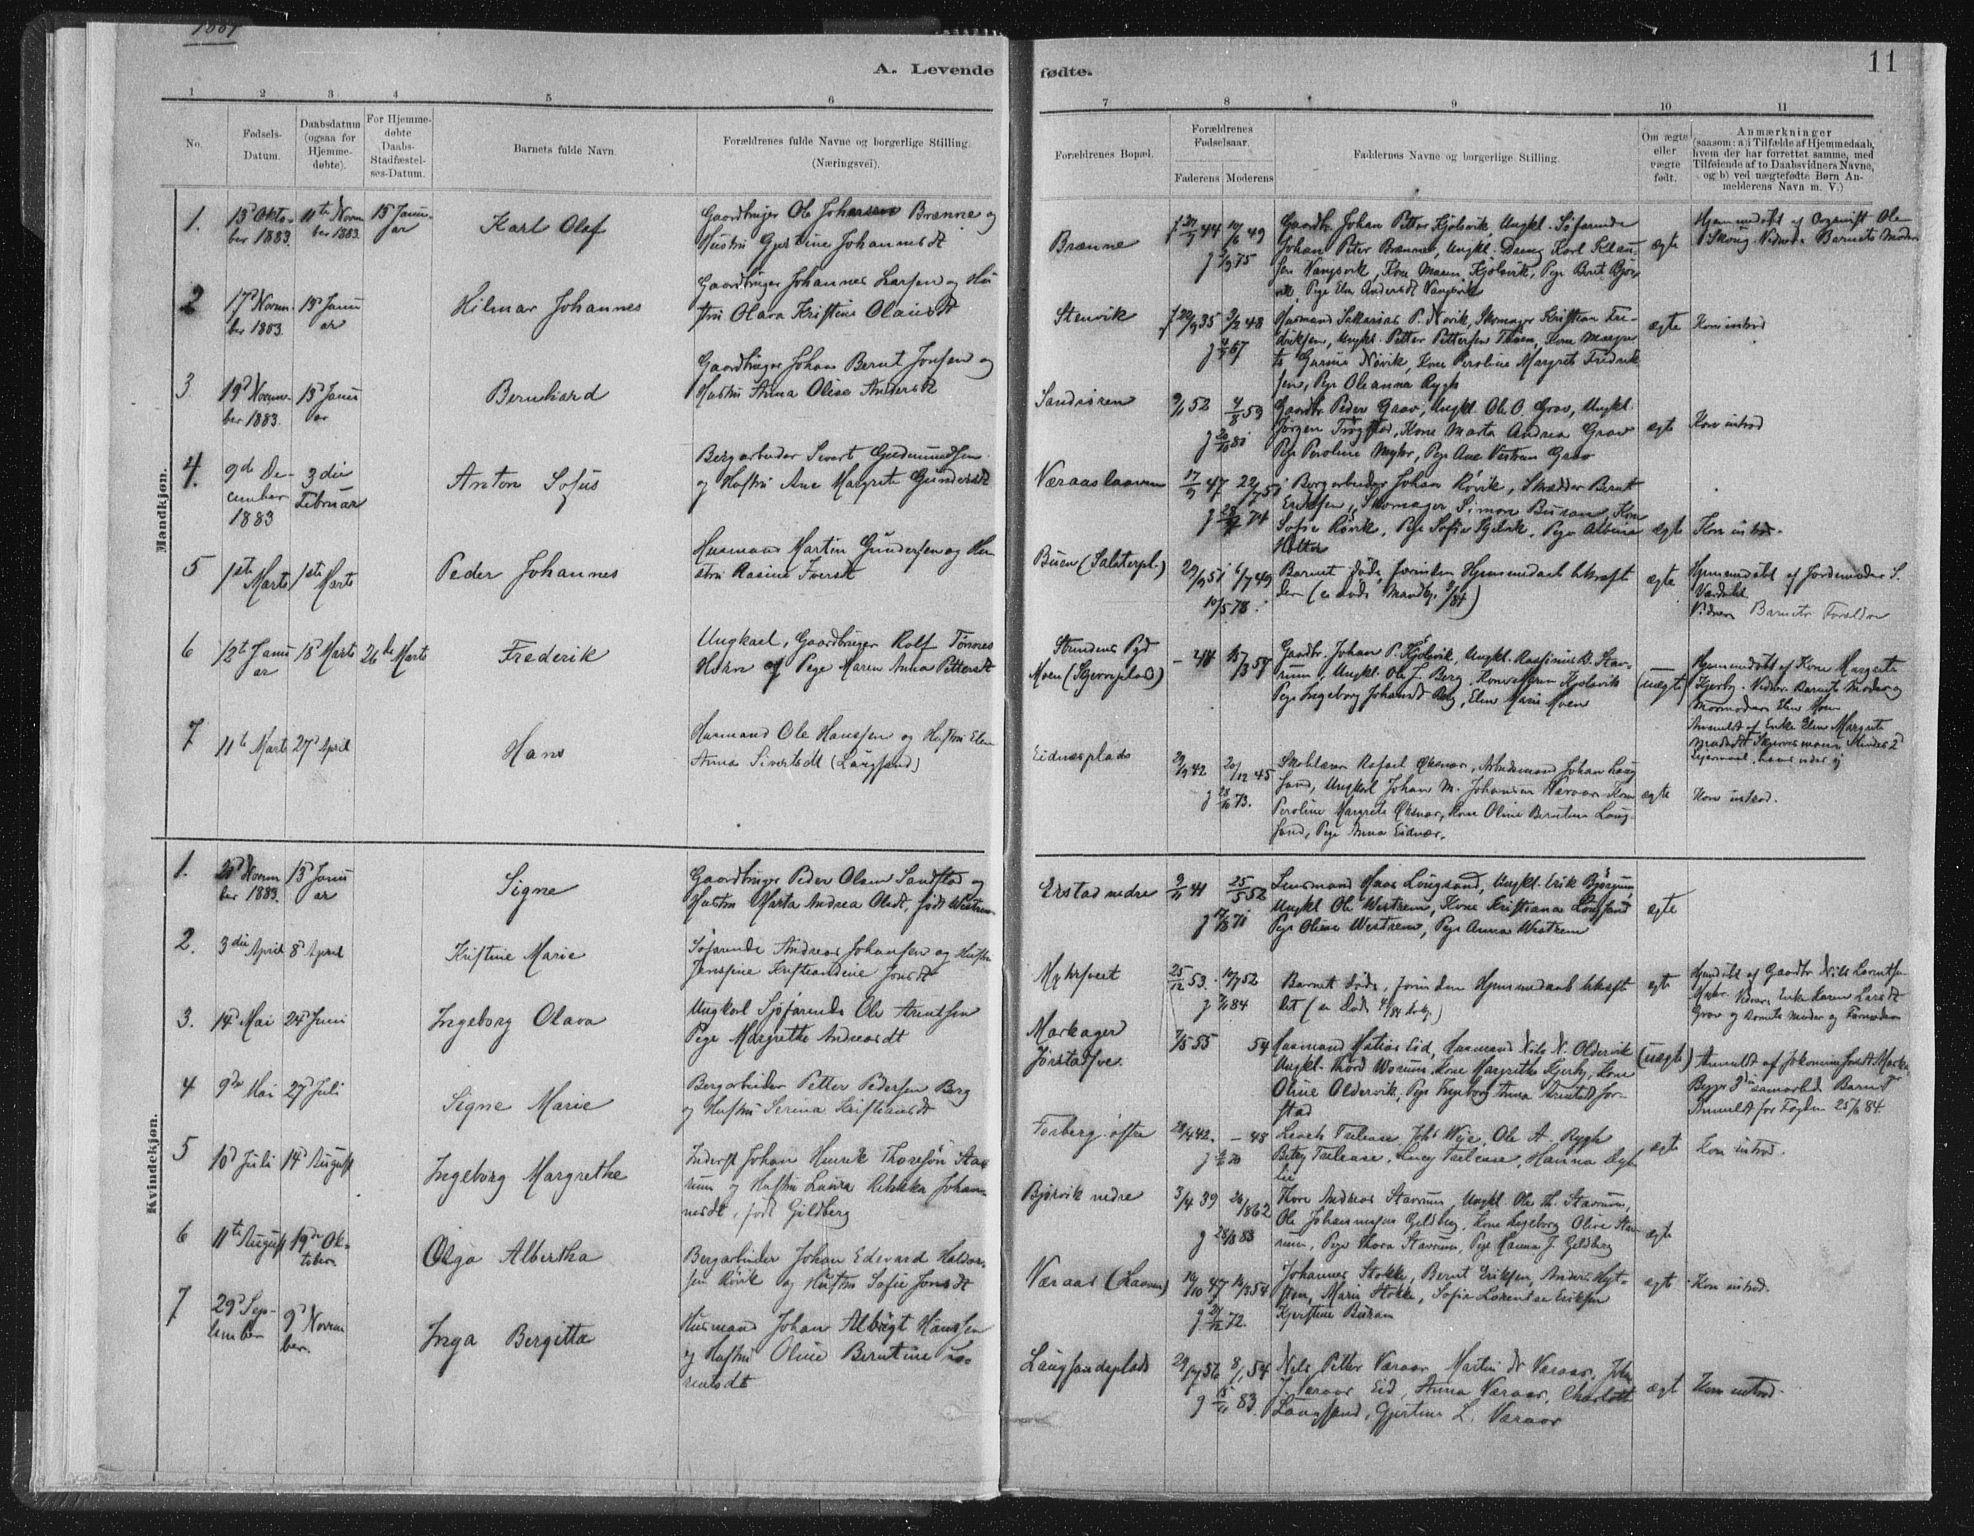 SAT, Ministerialprotokoller, klokkerbøker og fødselsregistre - Nord-Trøndelag, 722/L0220: Ministerialbok nr. 722A07, 1881-1908, s. 11